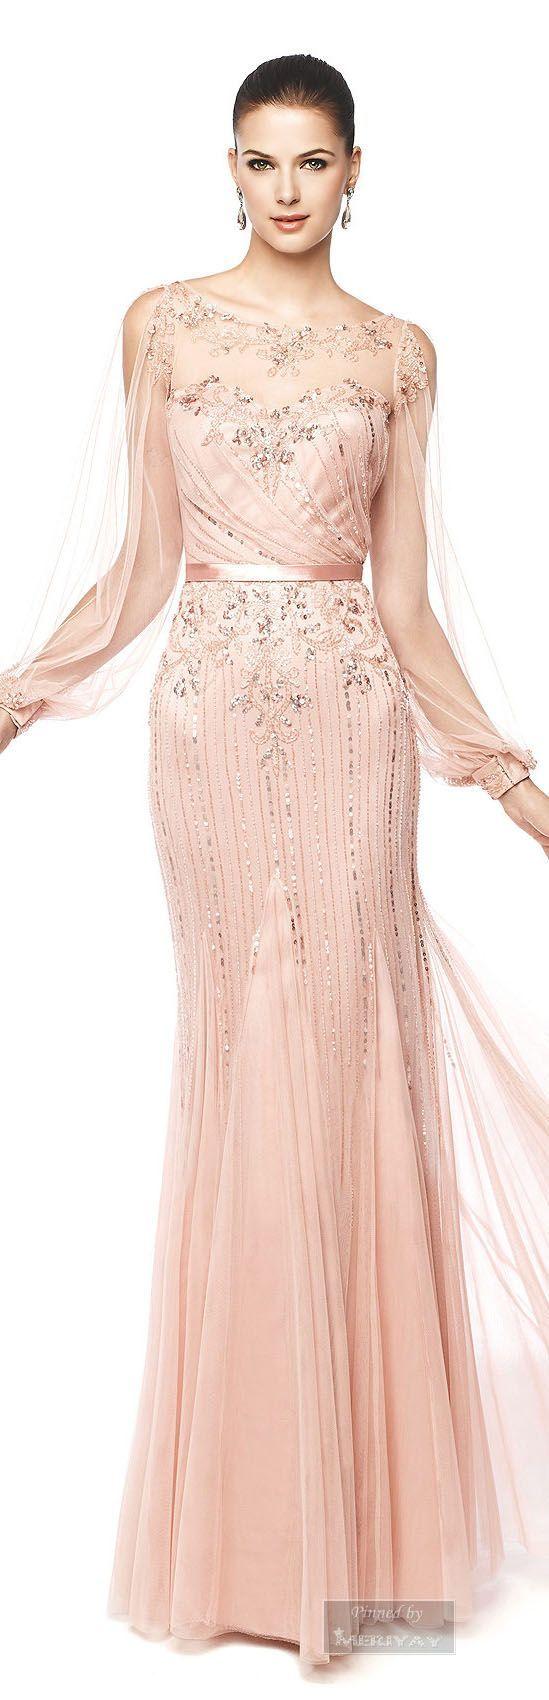 Atemberaubend! Ballrobe in Rose (Farbpassnummer 17) Kerstin Tomancok ...